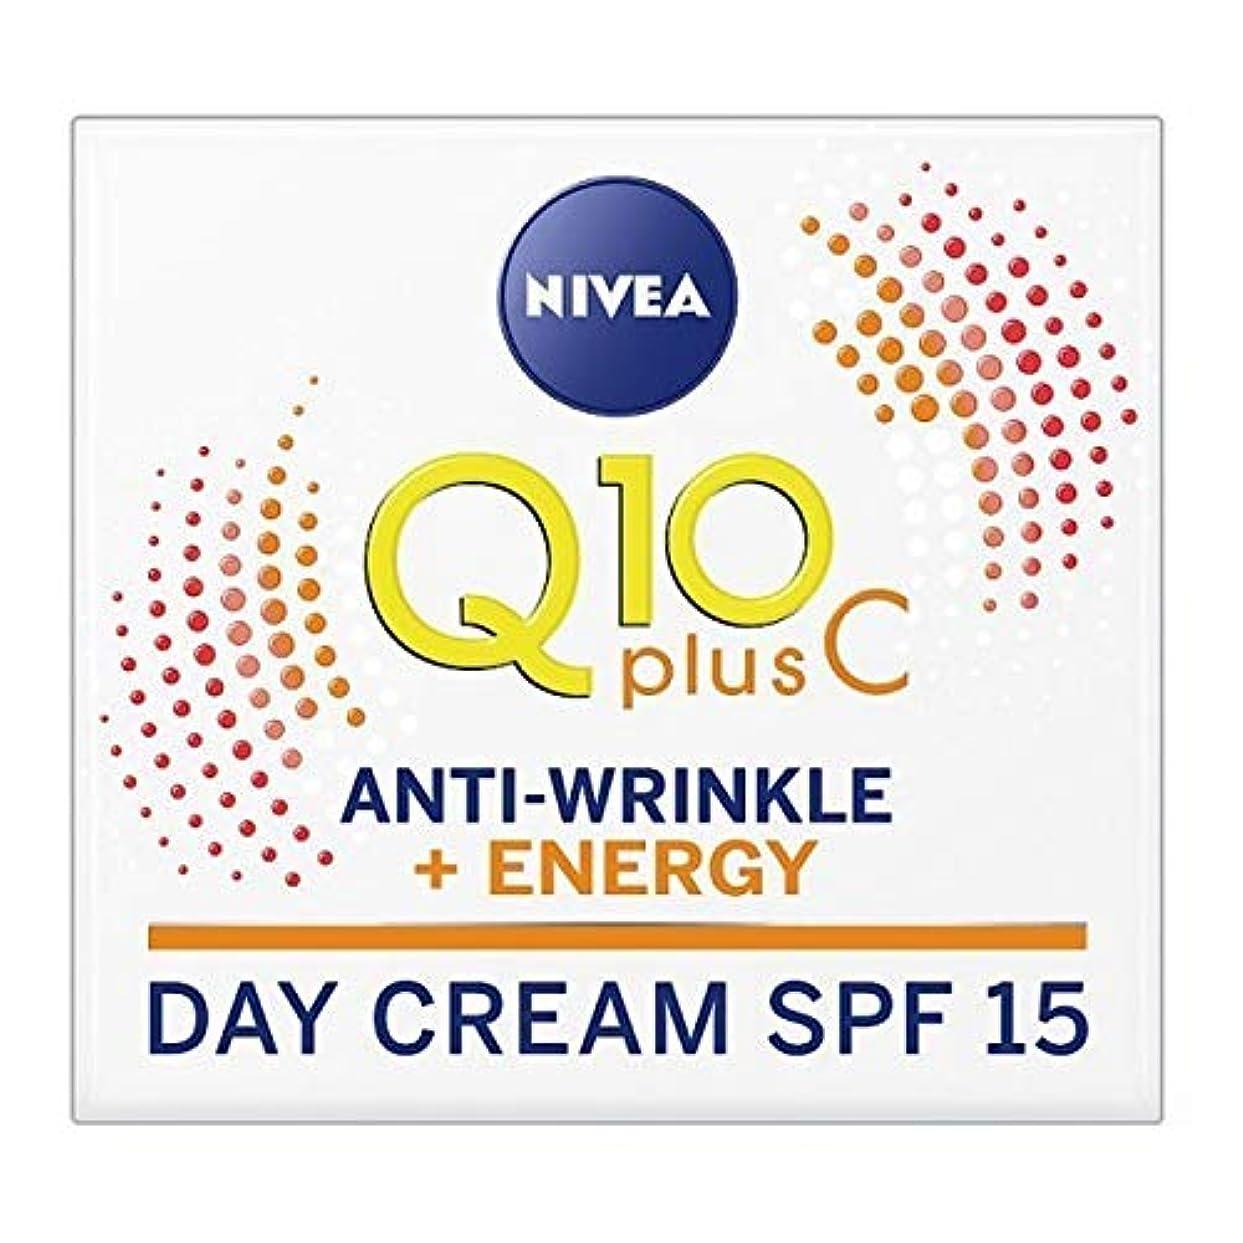 懇願する手綱ヒット[Nivea ] ニベアのQ10、ビタミンC抗シワエネルギーフェイスクリームSpf 15 - NIVEA Q10 Vitamin C Anti-Wrinkle Energy Face Cream SPF 15 [並行輸入品]